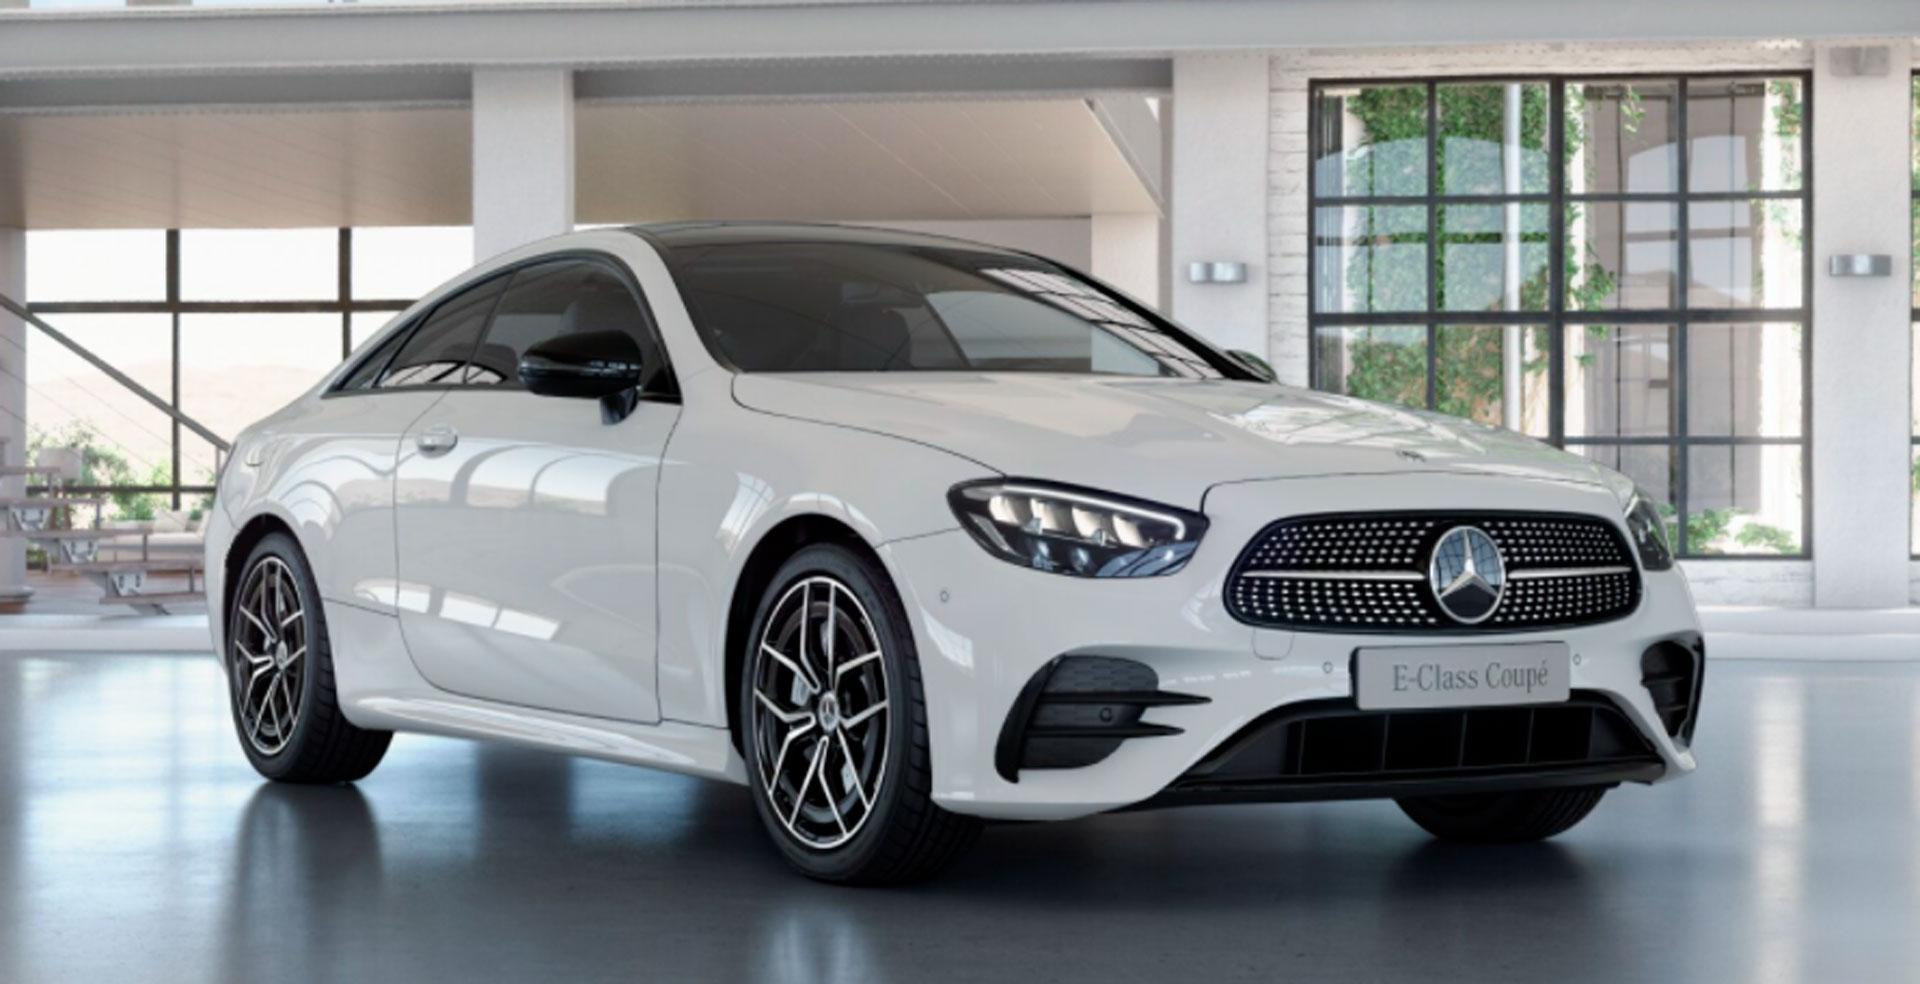 Mercedes-Benz E-Class Coupe 0152600183